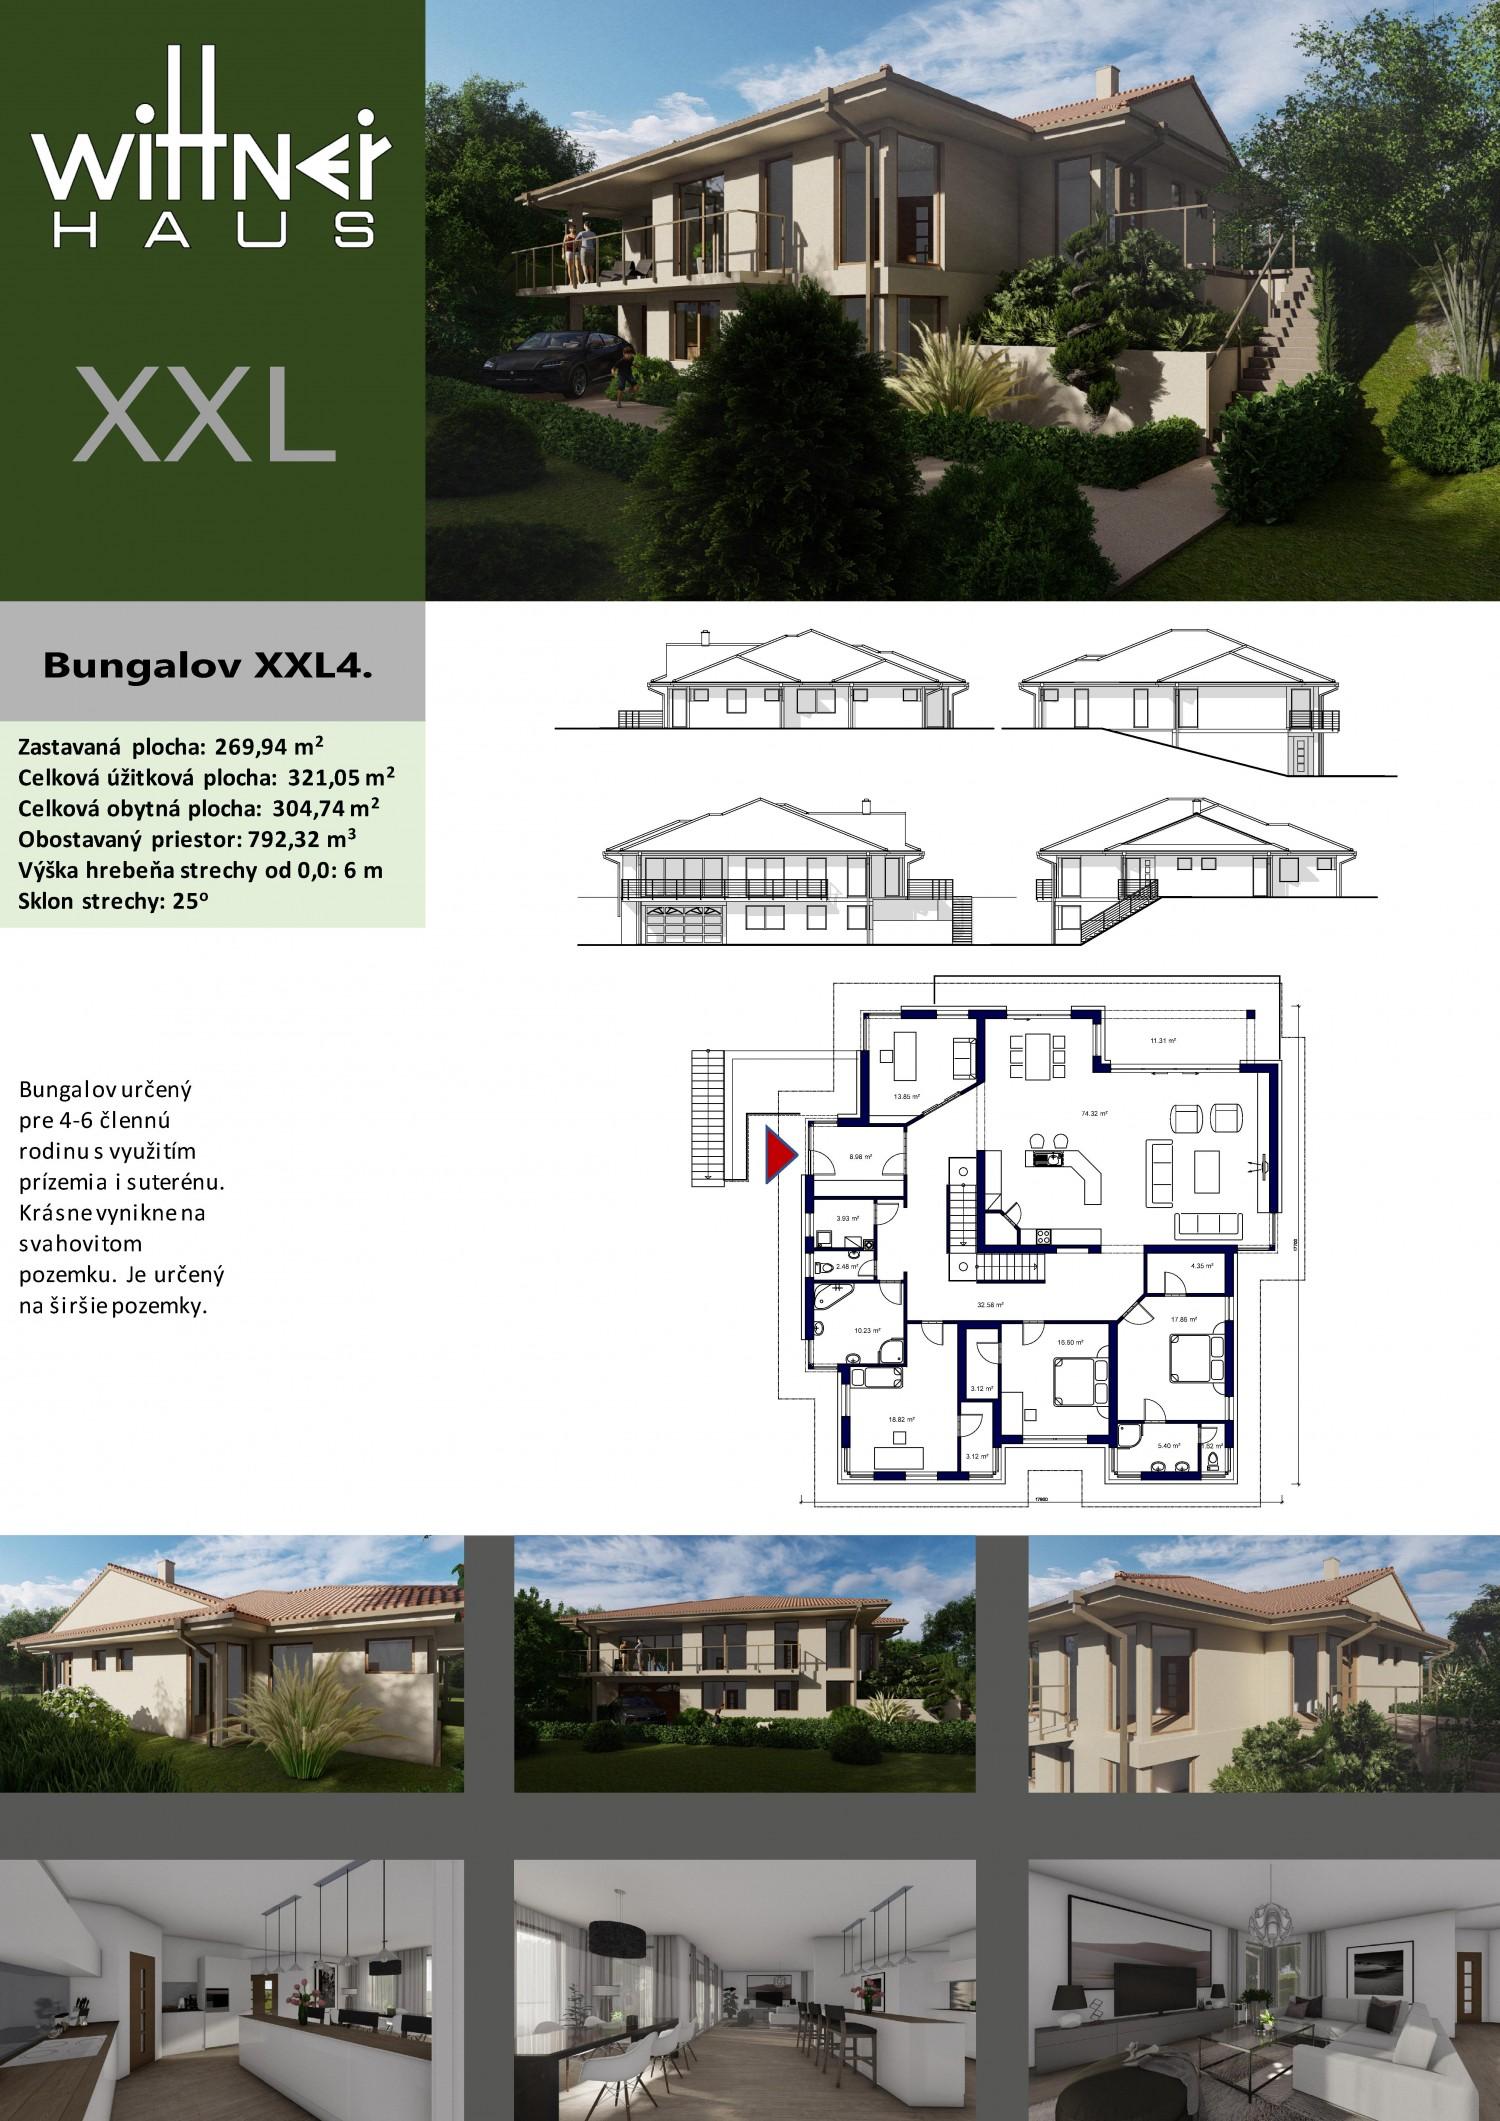 Bungalov XXL